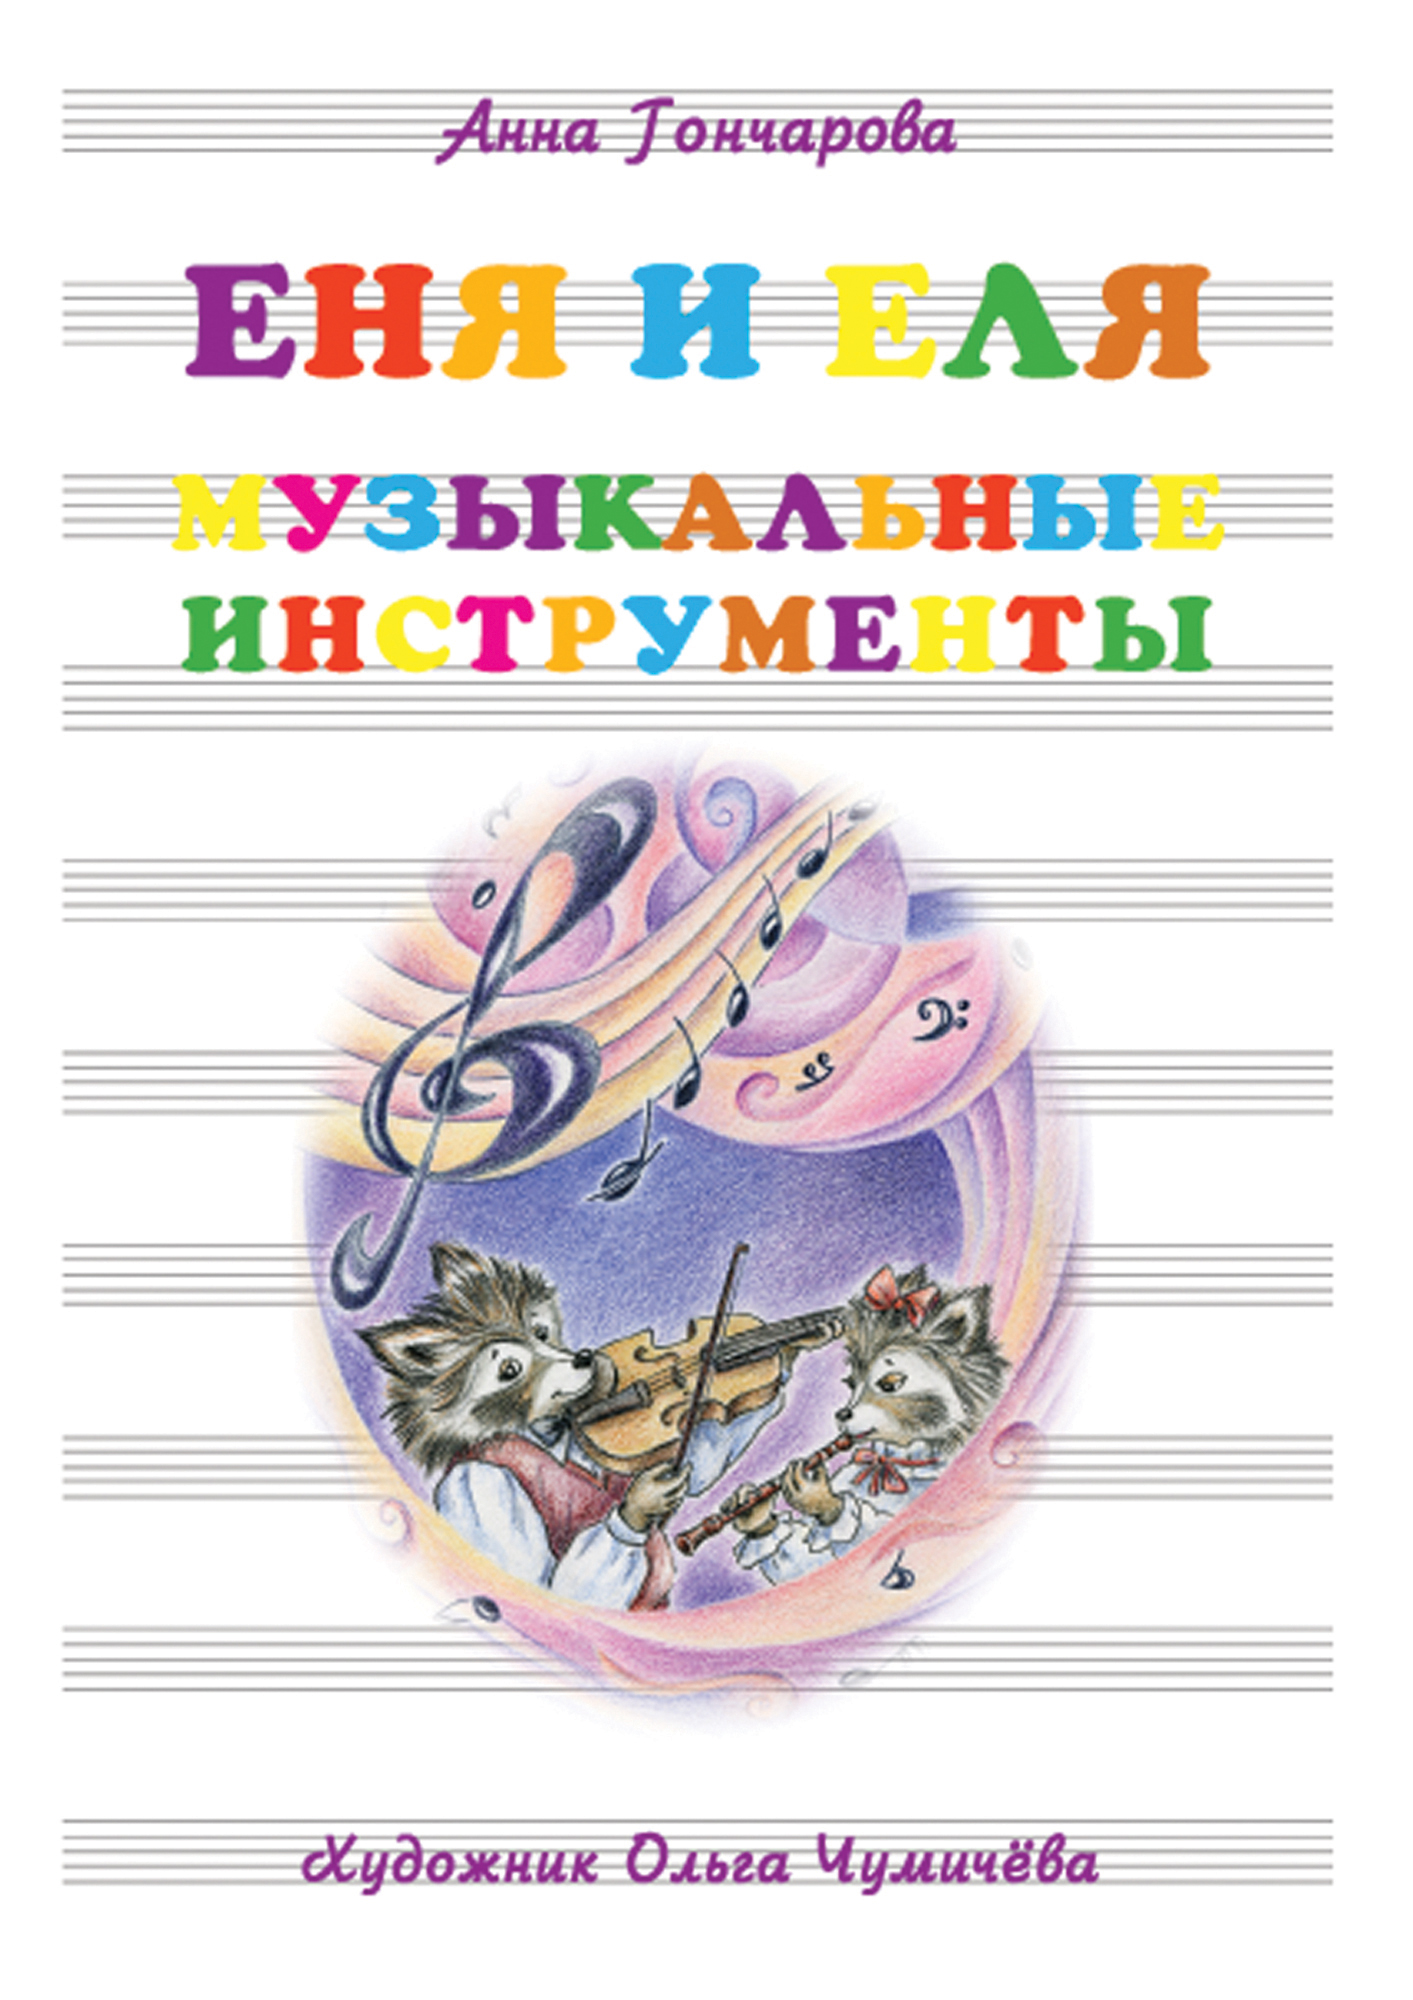 Анна Гончарова Еня и Еля. Музыкальные инструменты